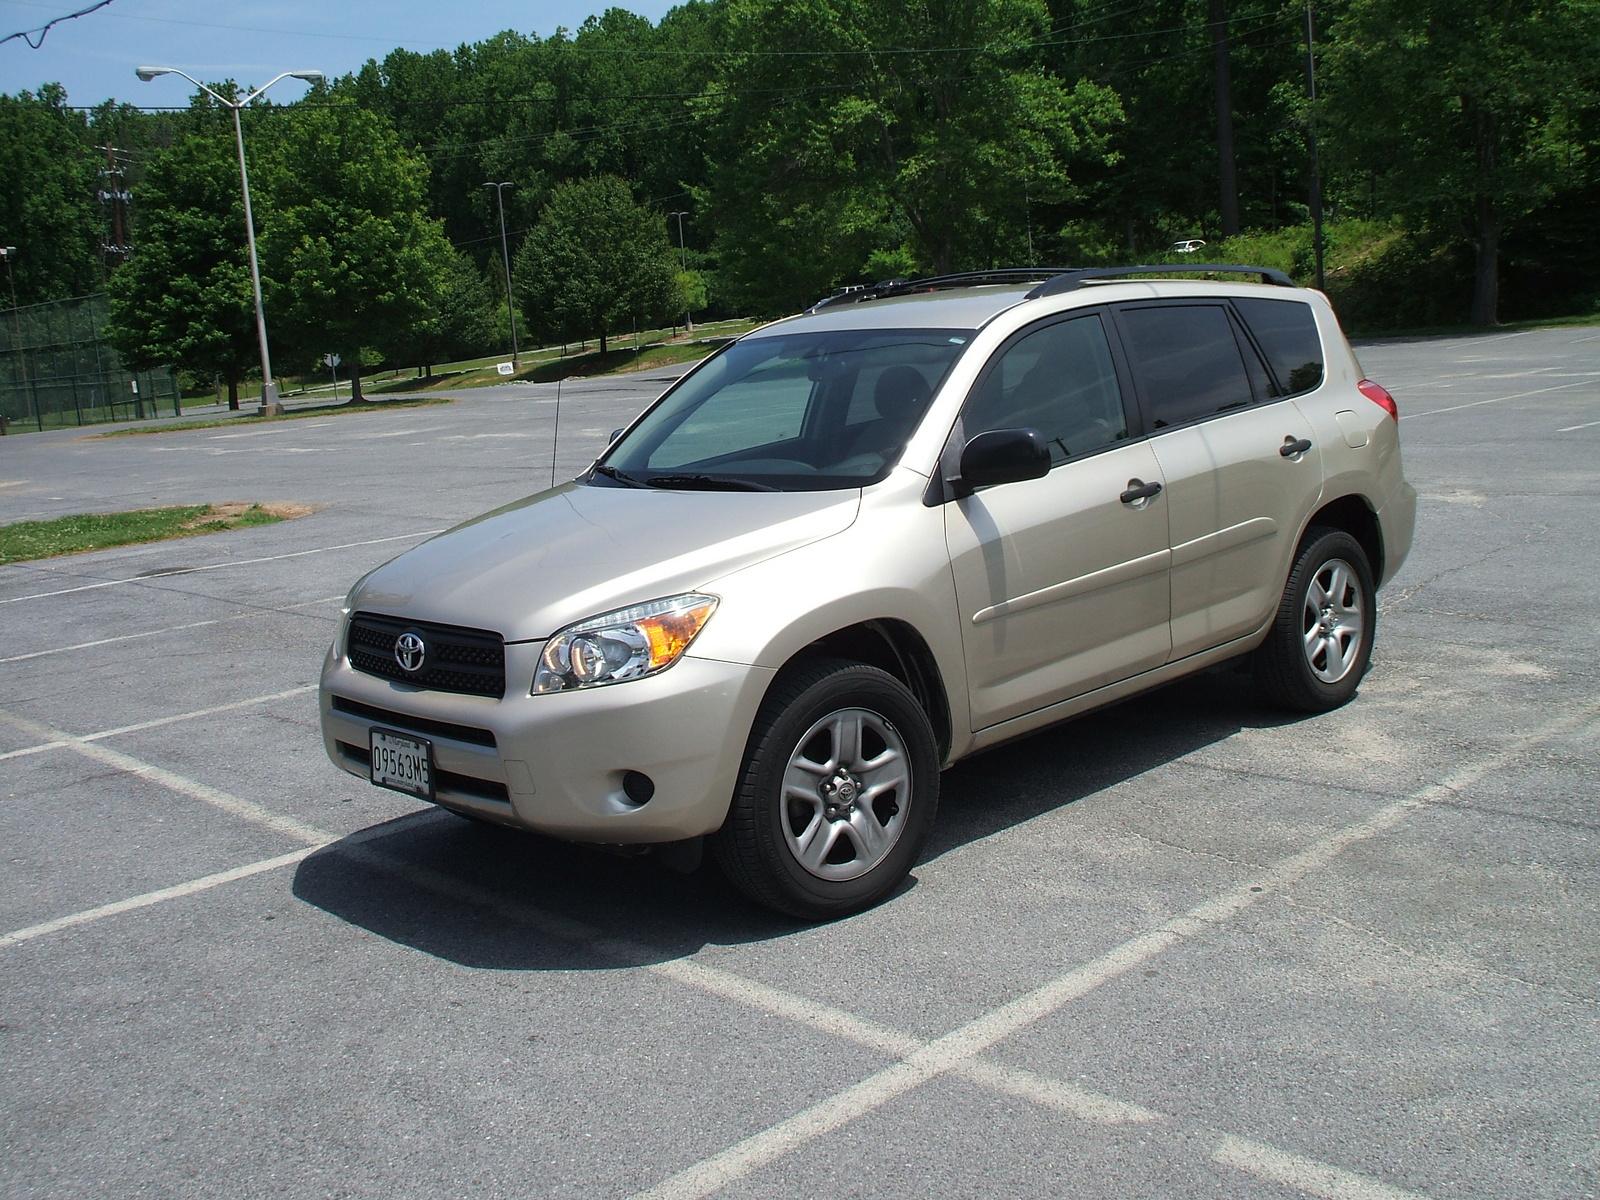 2008 Toyota Rav4 Pictures Cargurus